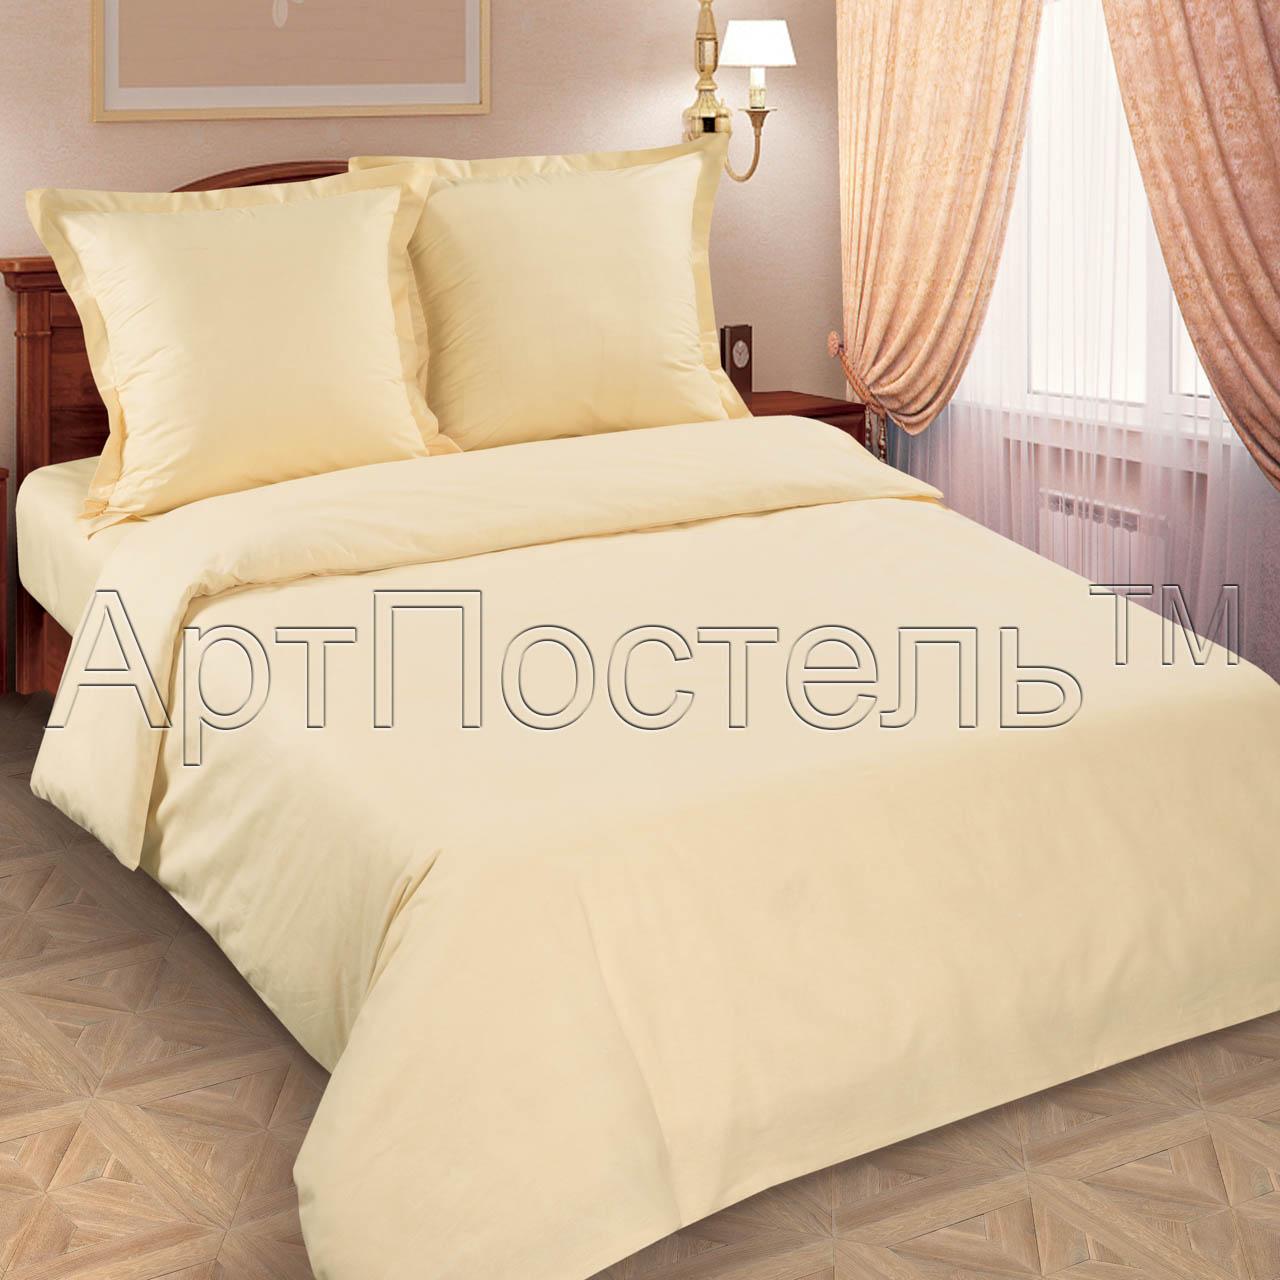 Комплект Шампань, размер 2,0-спальный с европростынейПоплин<br>Плотность ткани:115 г/кв. м<br>Пододеяльник:217х175 см - 1 шт.<br>Простыня:220х240 см - 1 шт.<br>Наволочка:70х70 см - 2 шт.<br><br>Тип: КПБ<br>Размер: 2,0-сп. евро<br>Материал: Поплин